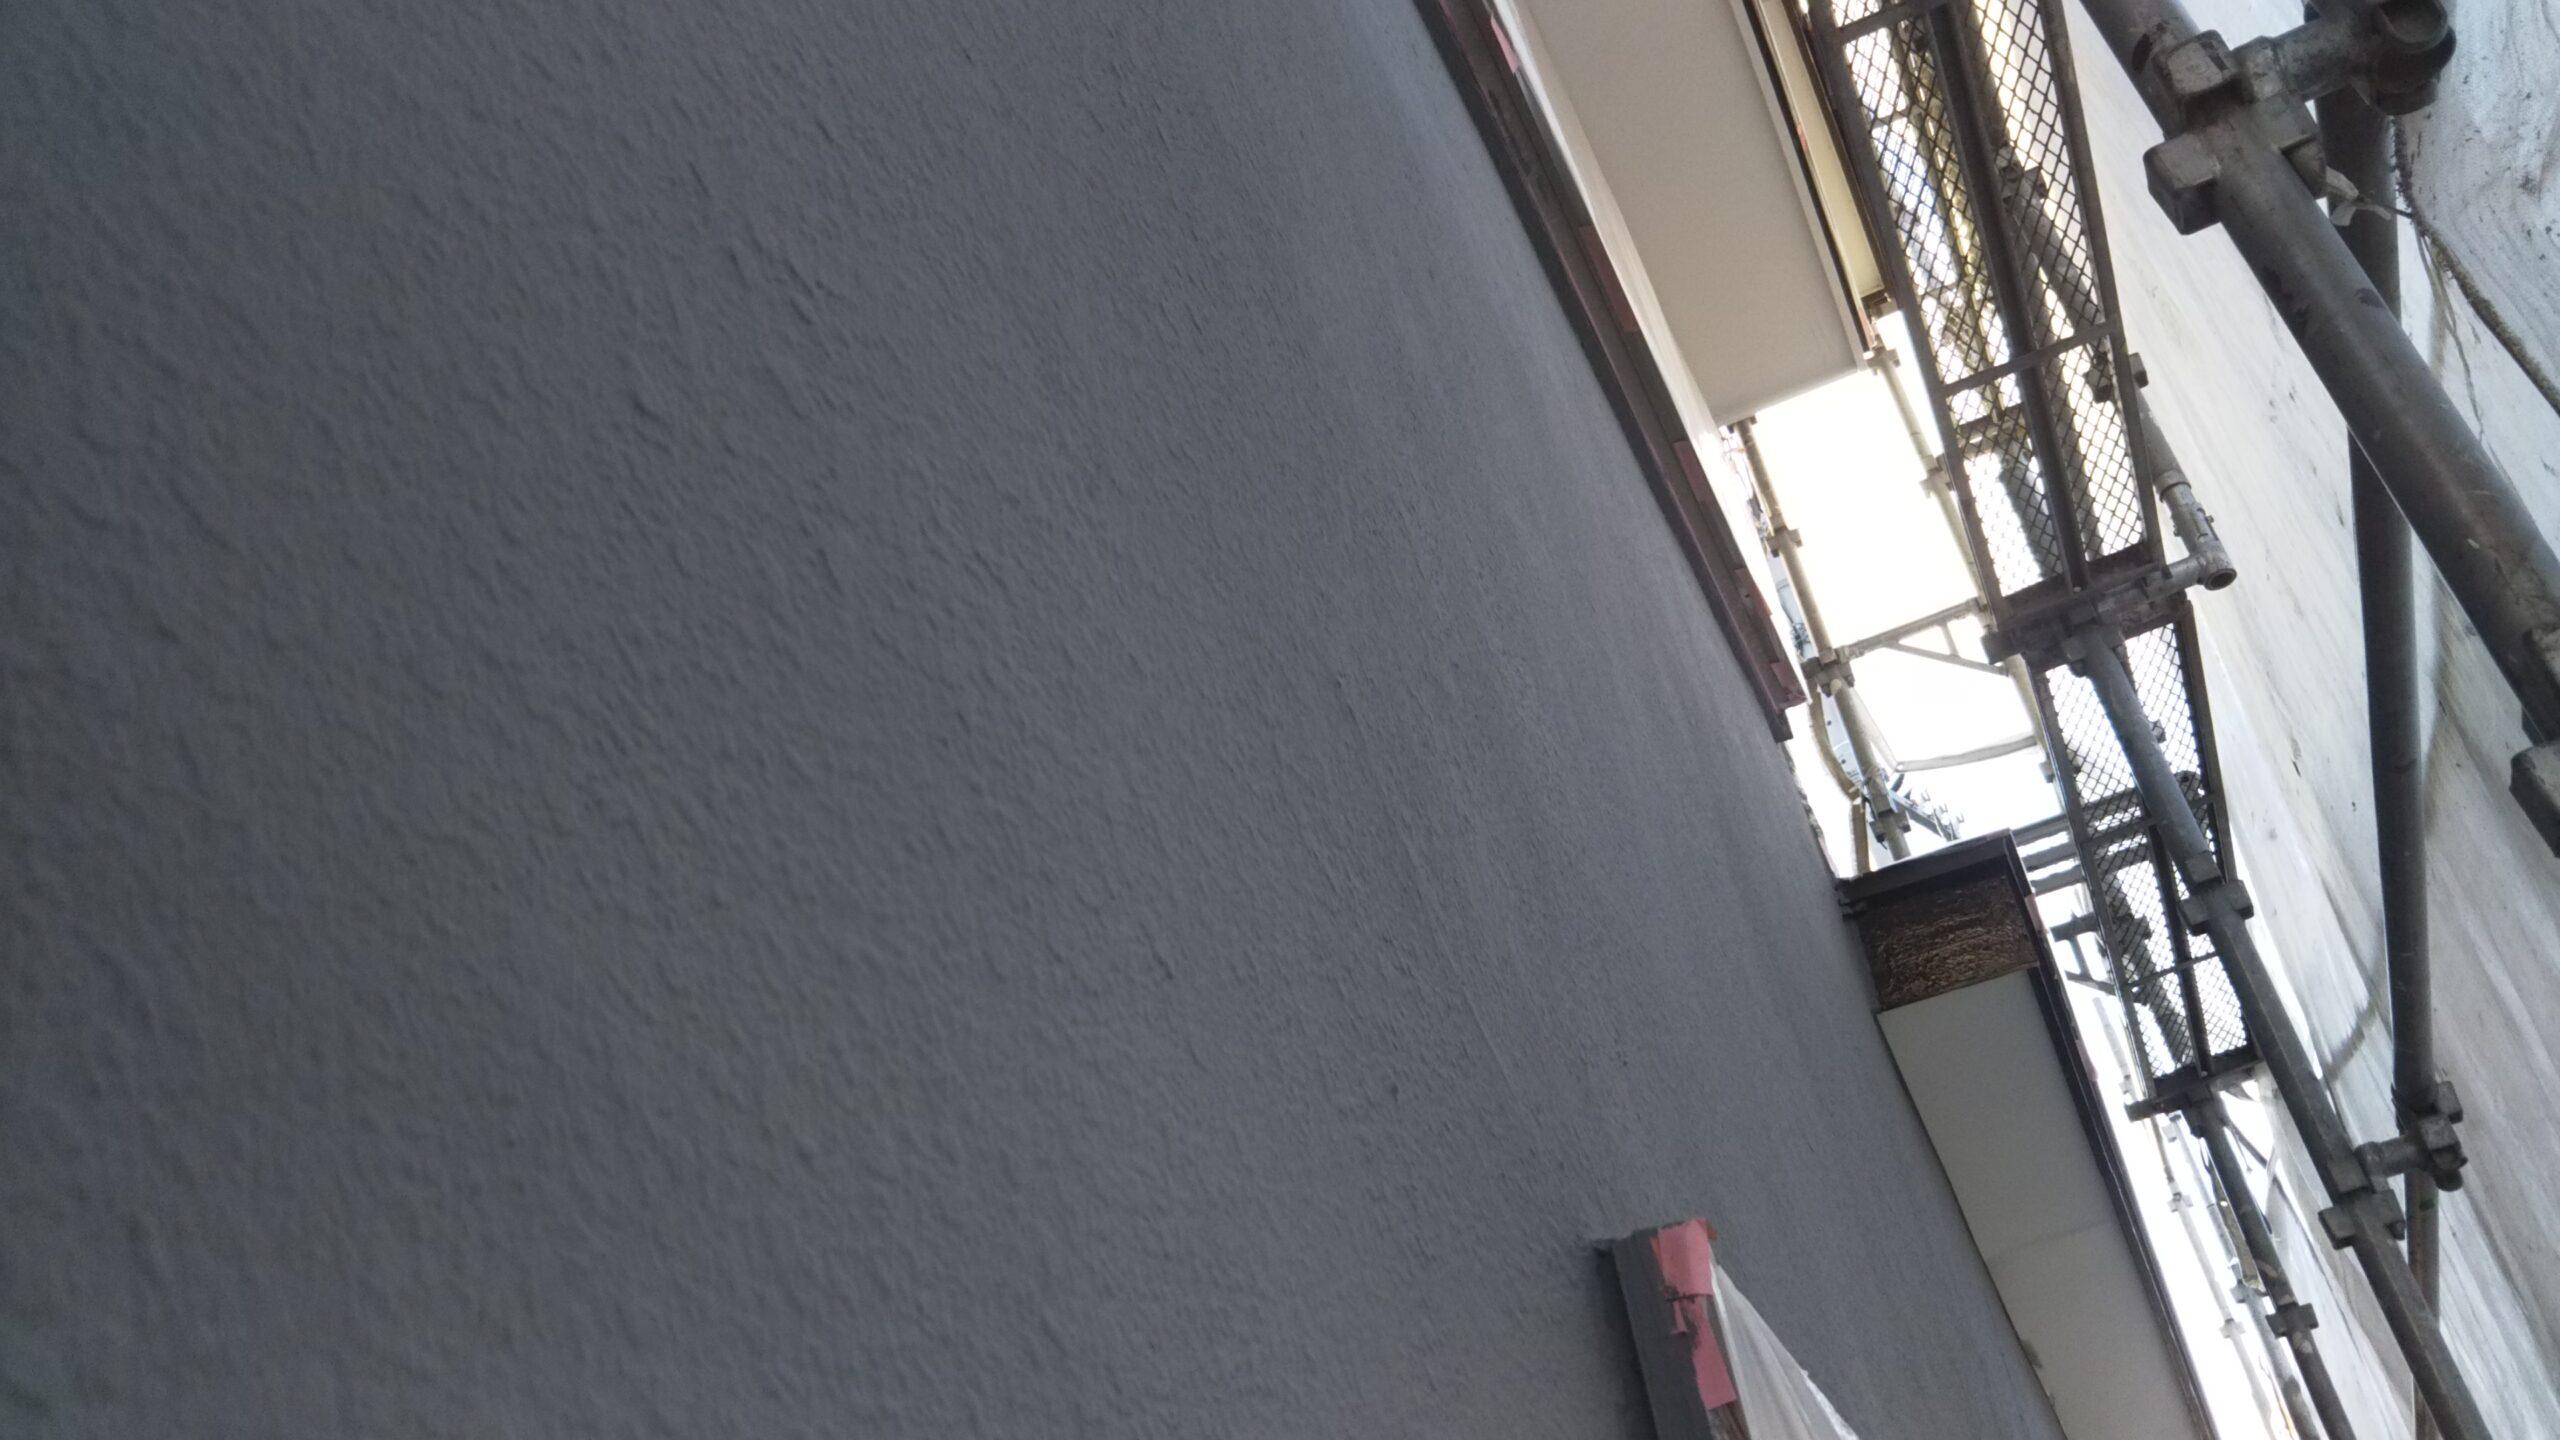 埼玉県さいたま市岩槻区のN様邸(木造2階建て)にて外壁の仕上げ塗装